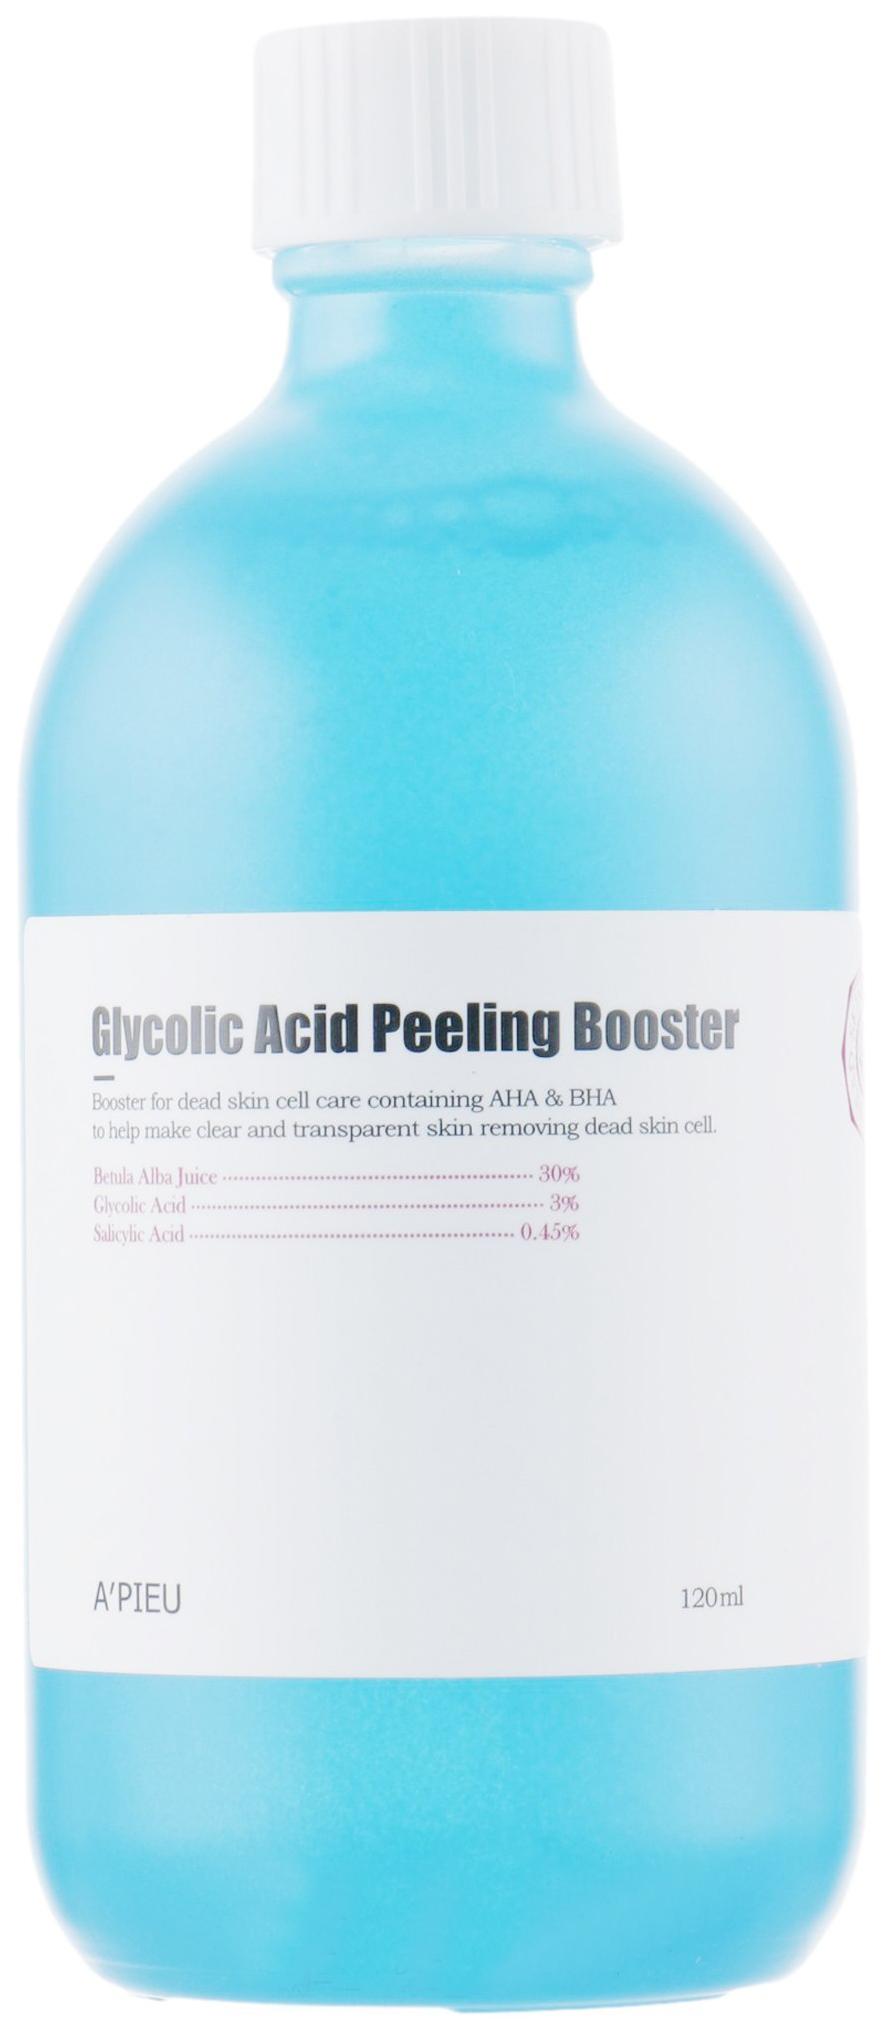 Купить Пилинг для лица A'pieu Glycolic Acid Peeling Booster 120 мл